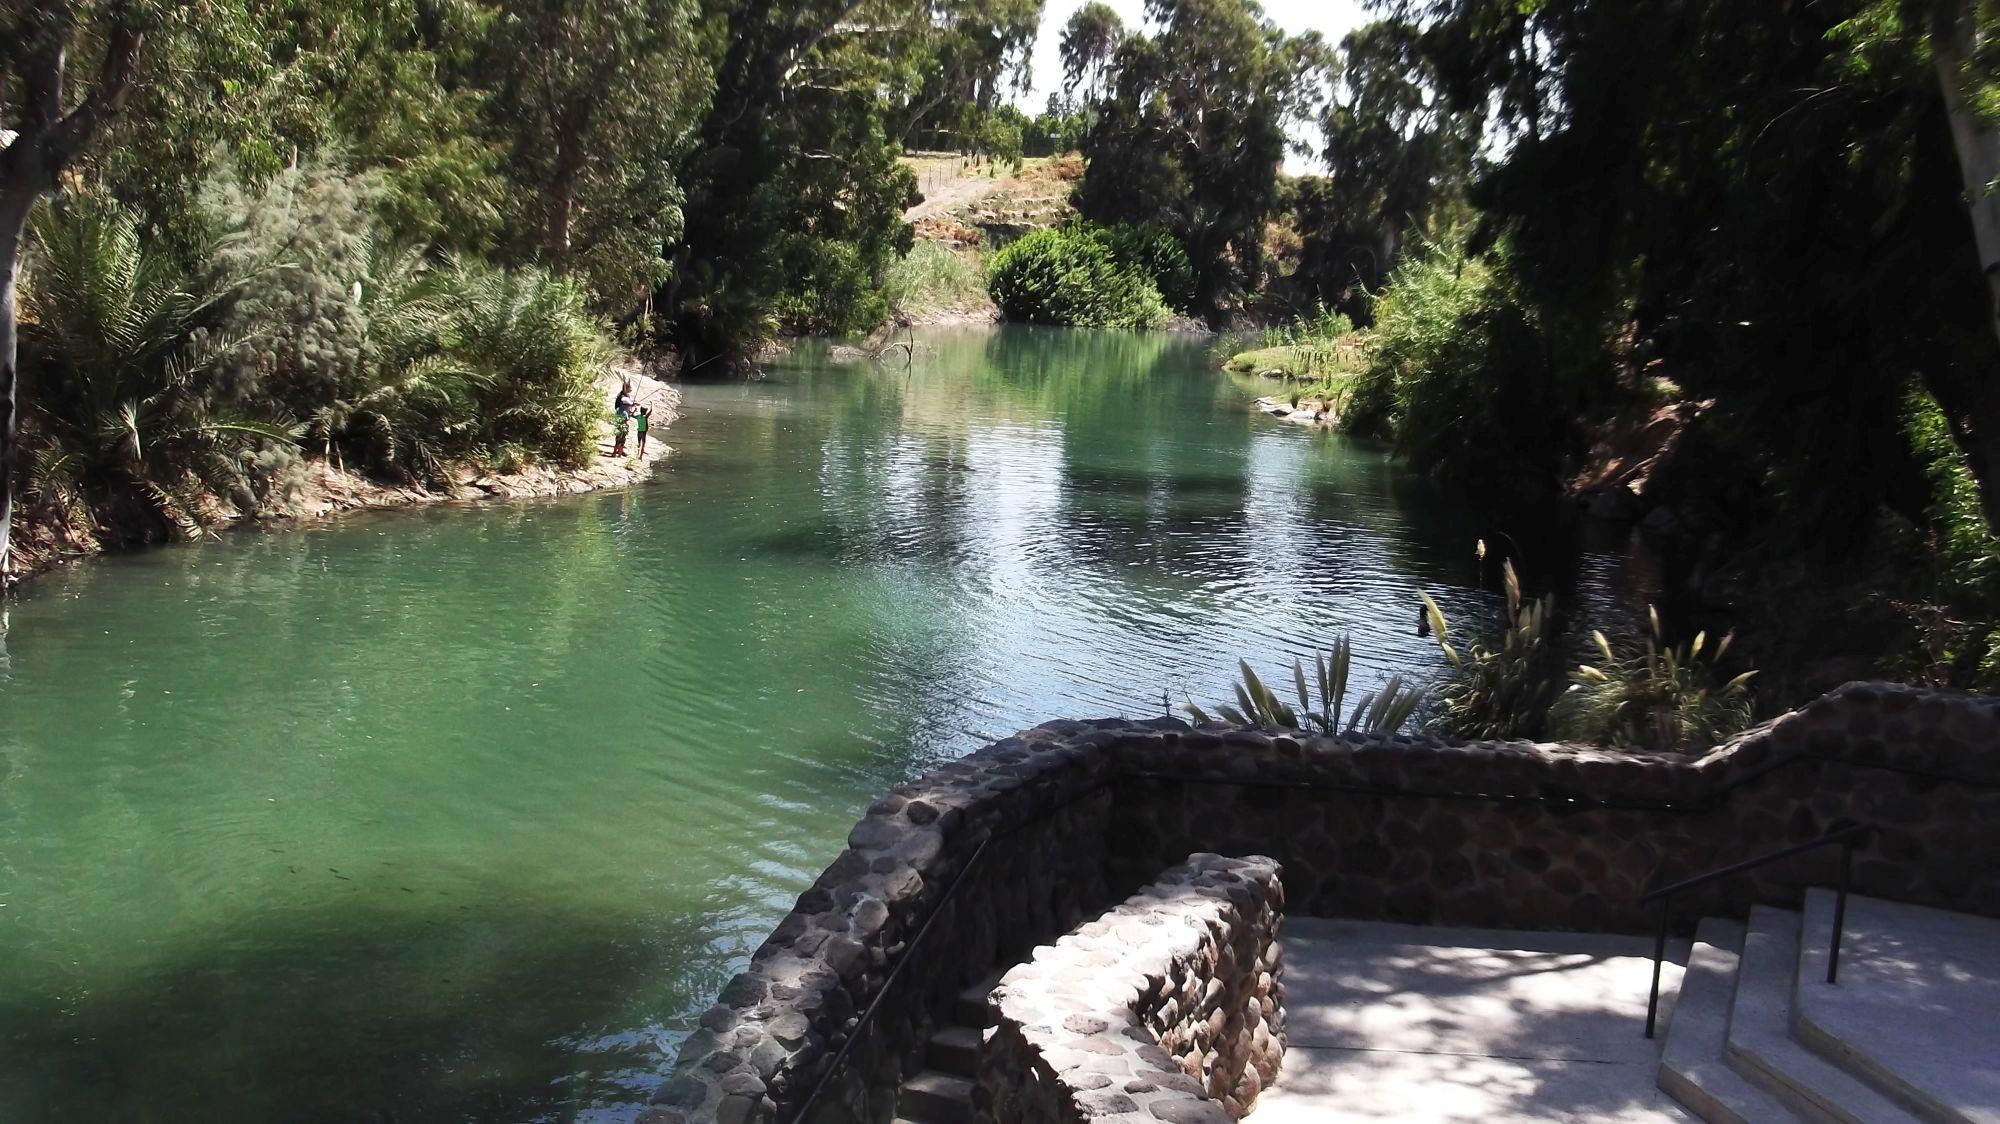 Izrael - Rzeka Jordan Yardenit - zdjęcia, atrakcje